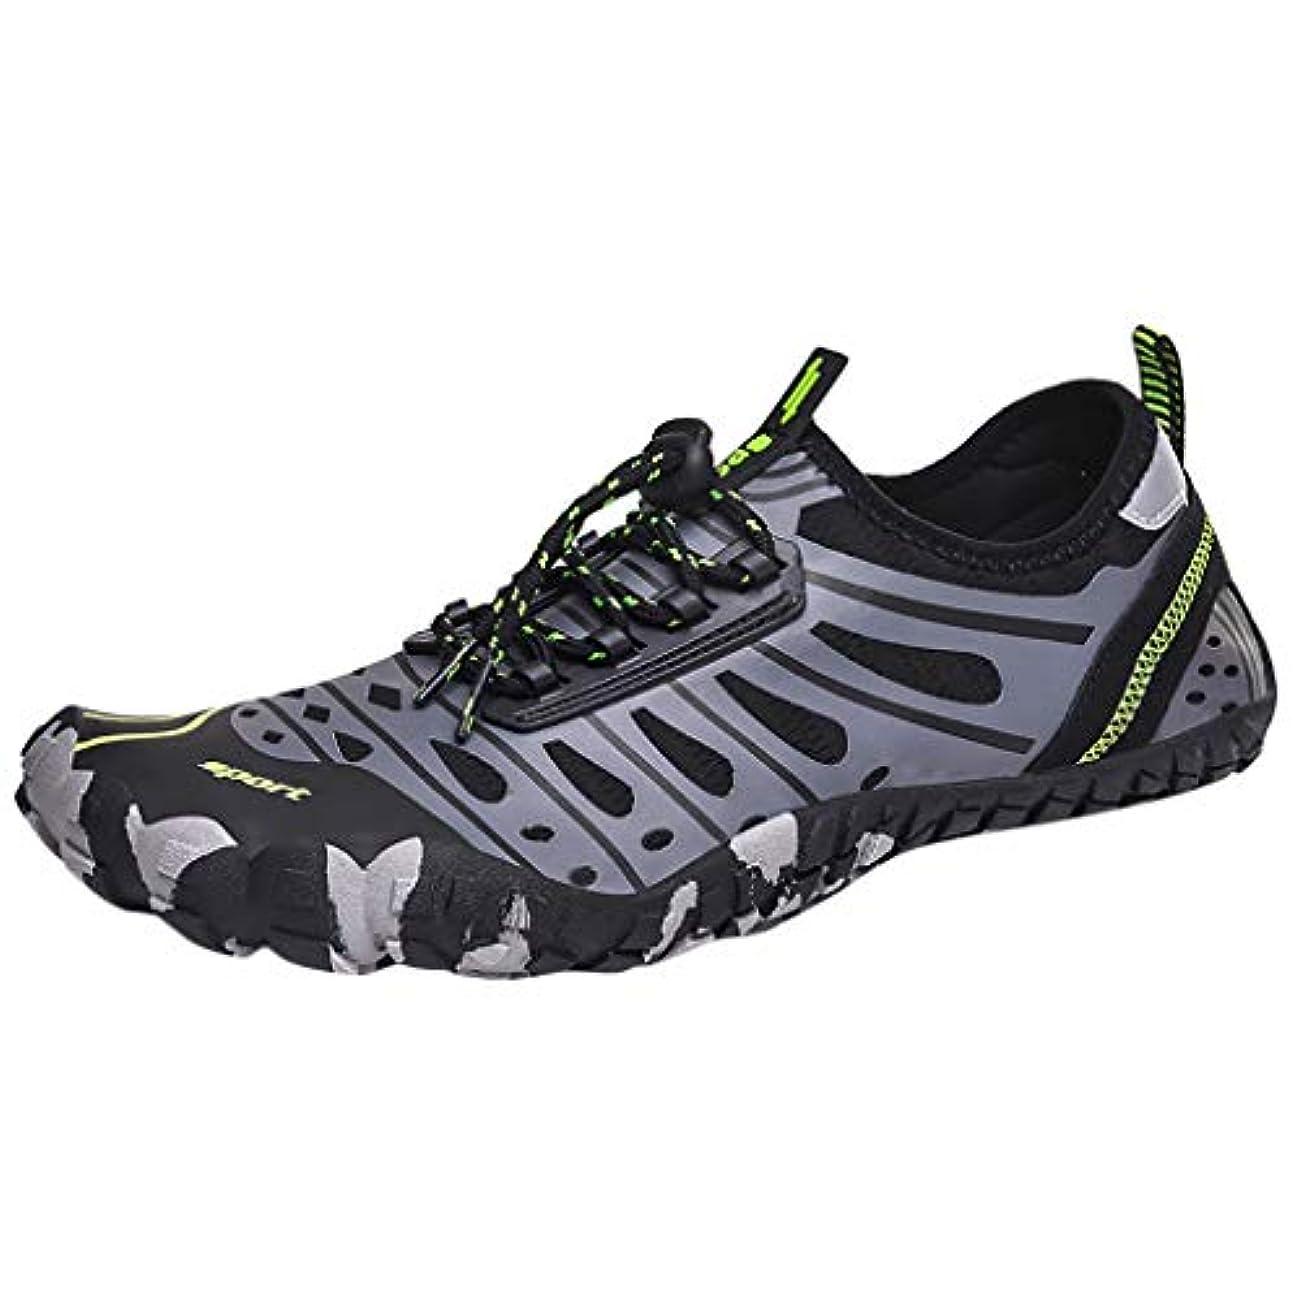 音楽パンサーしばしば[XIAYE] スニーカー マリンシューズ ウォーターシューズ 登山靴 スイミングビーチシューズ 水陸両用 速乾 軽量 通気性 滑り止め サンダル